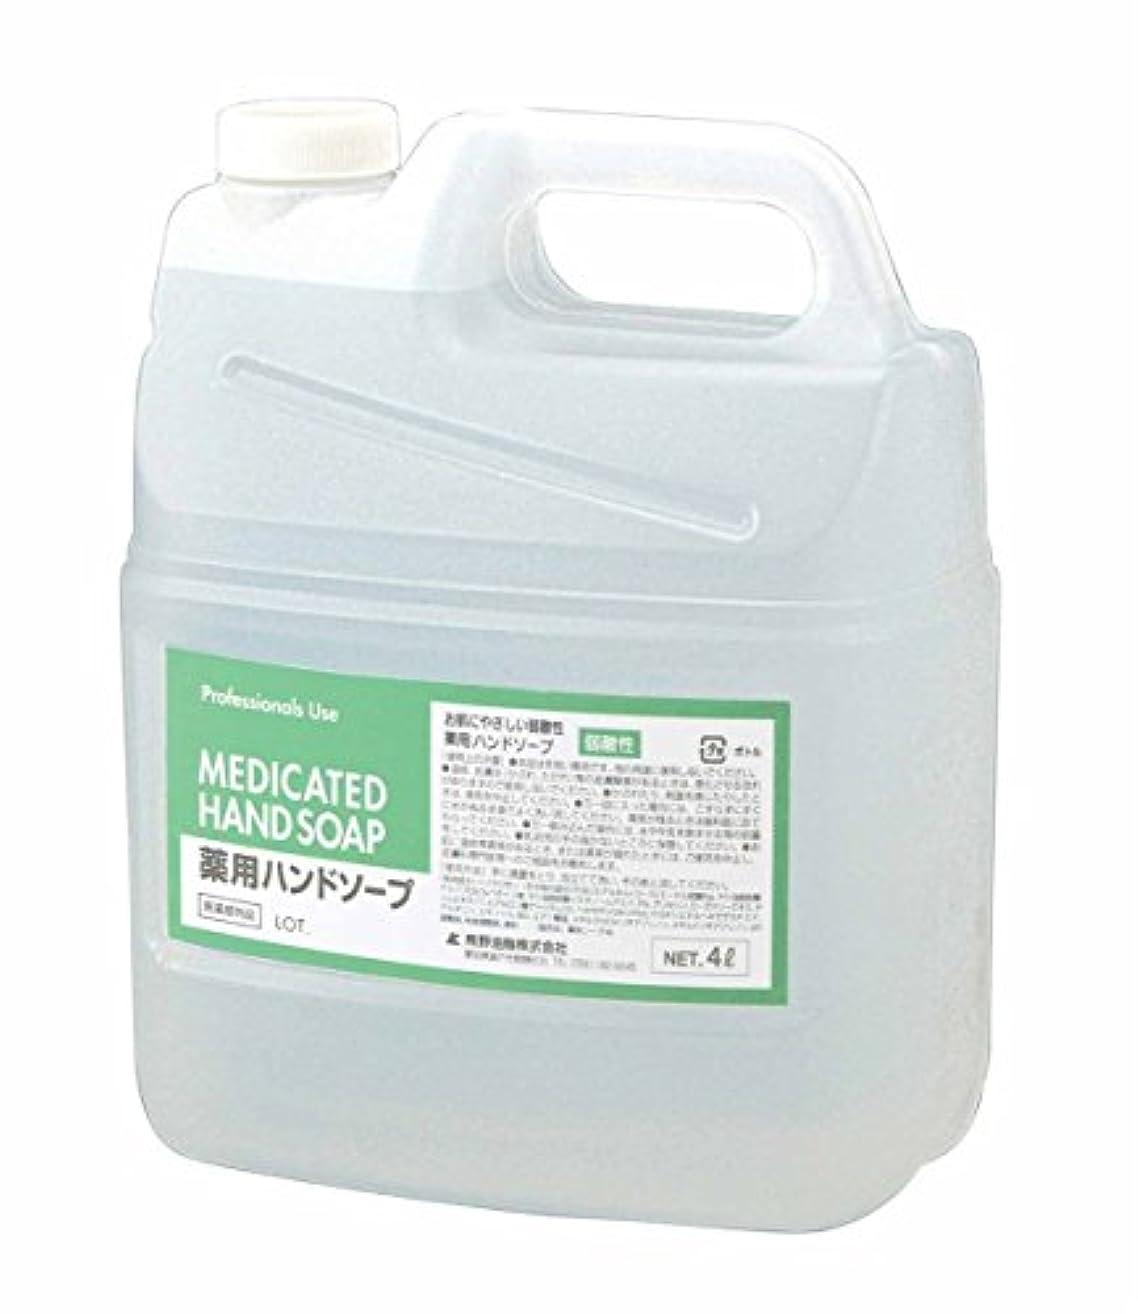 ポジティブはっきりとハンカチファーマアクト 弱酸性薬用ハンドソープ 4L